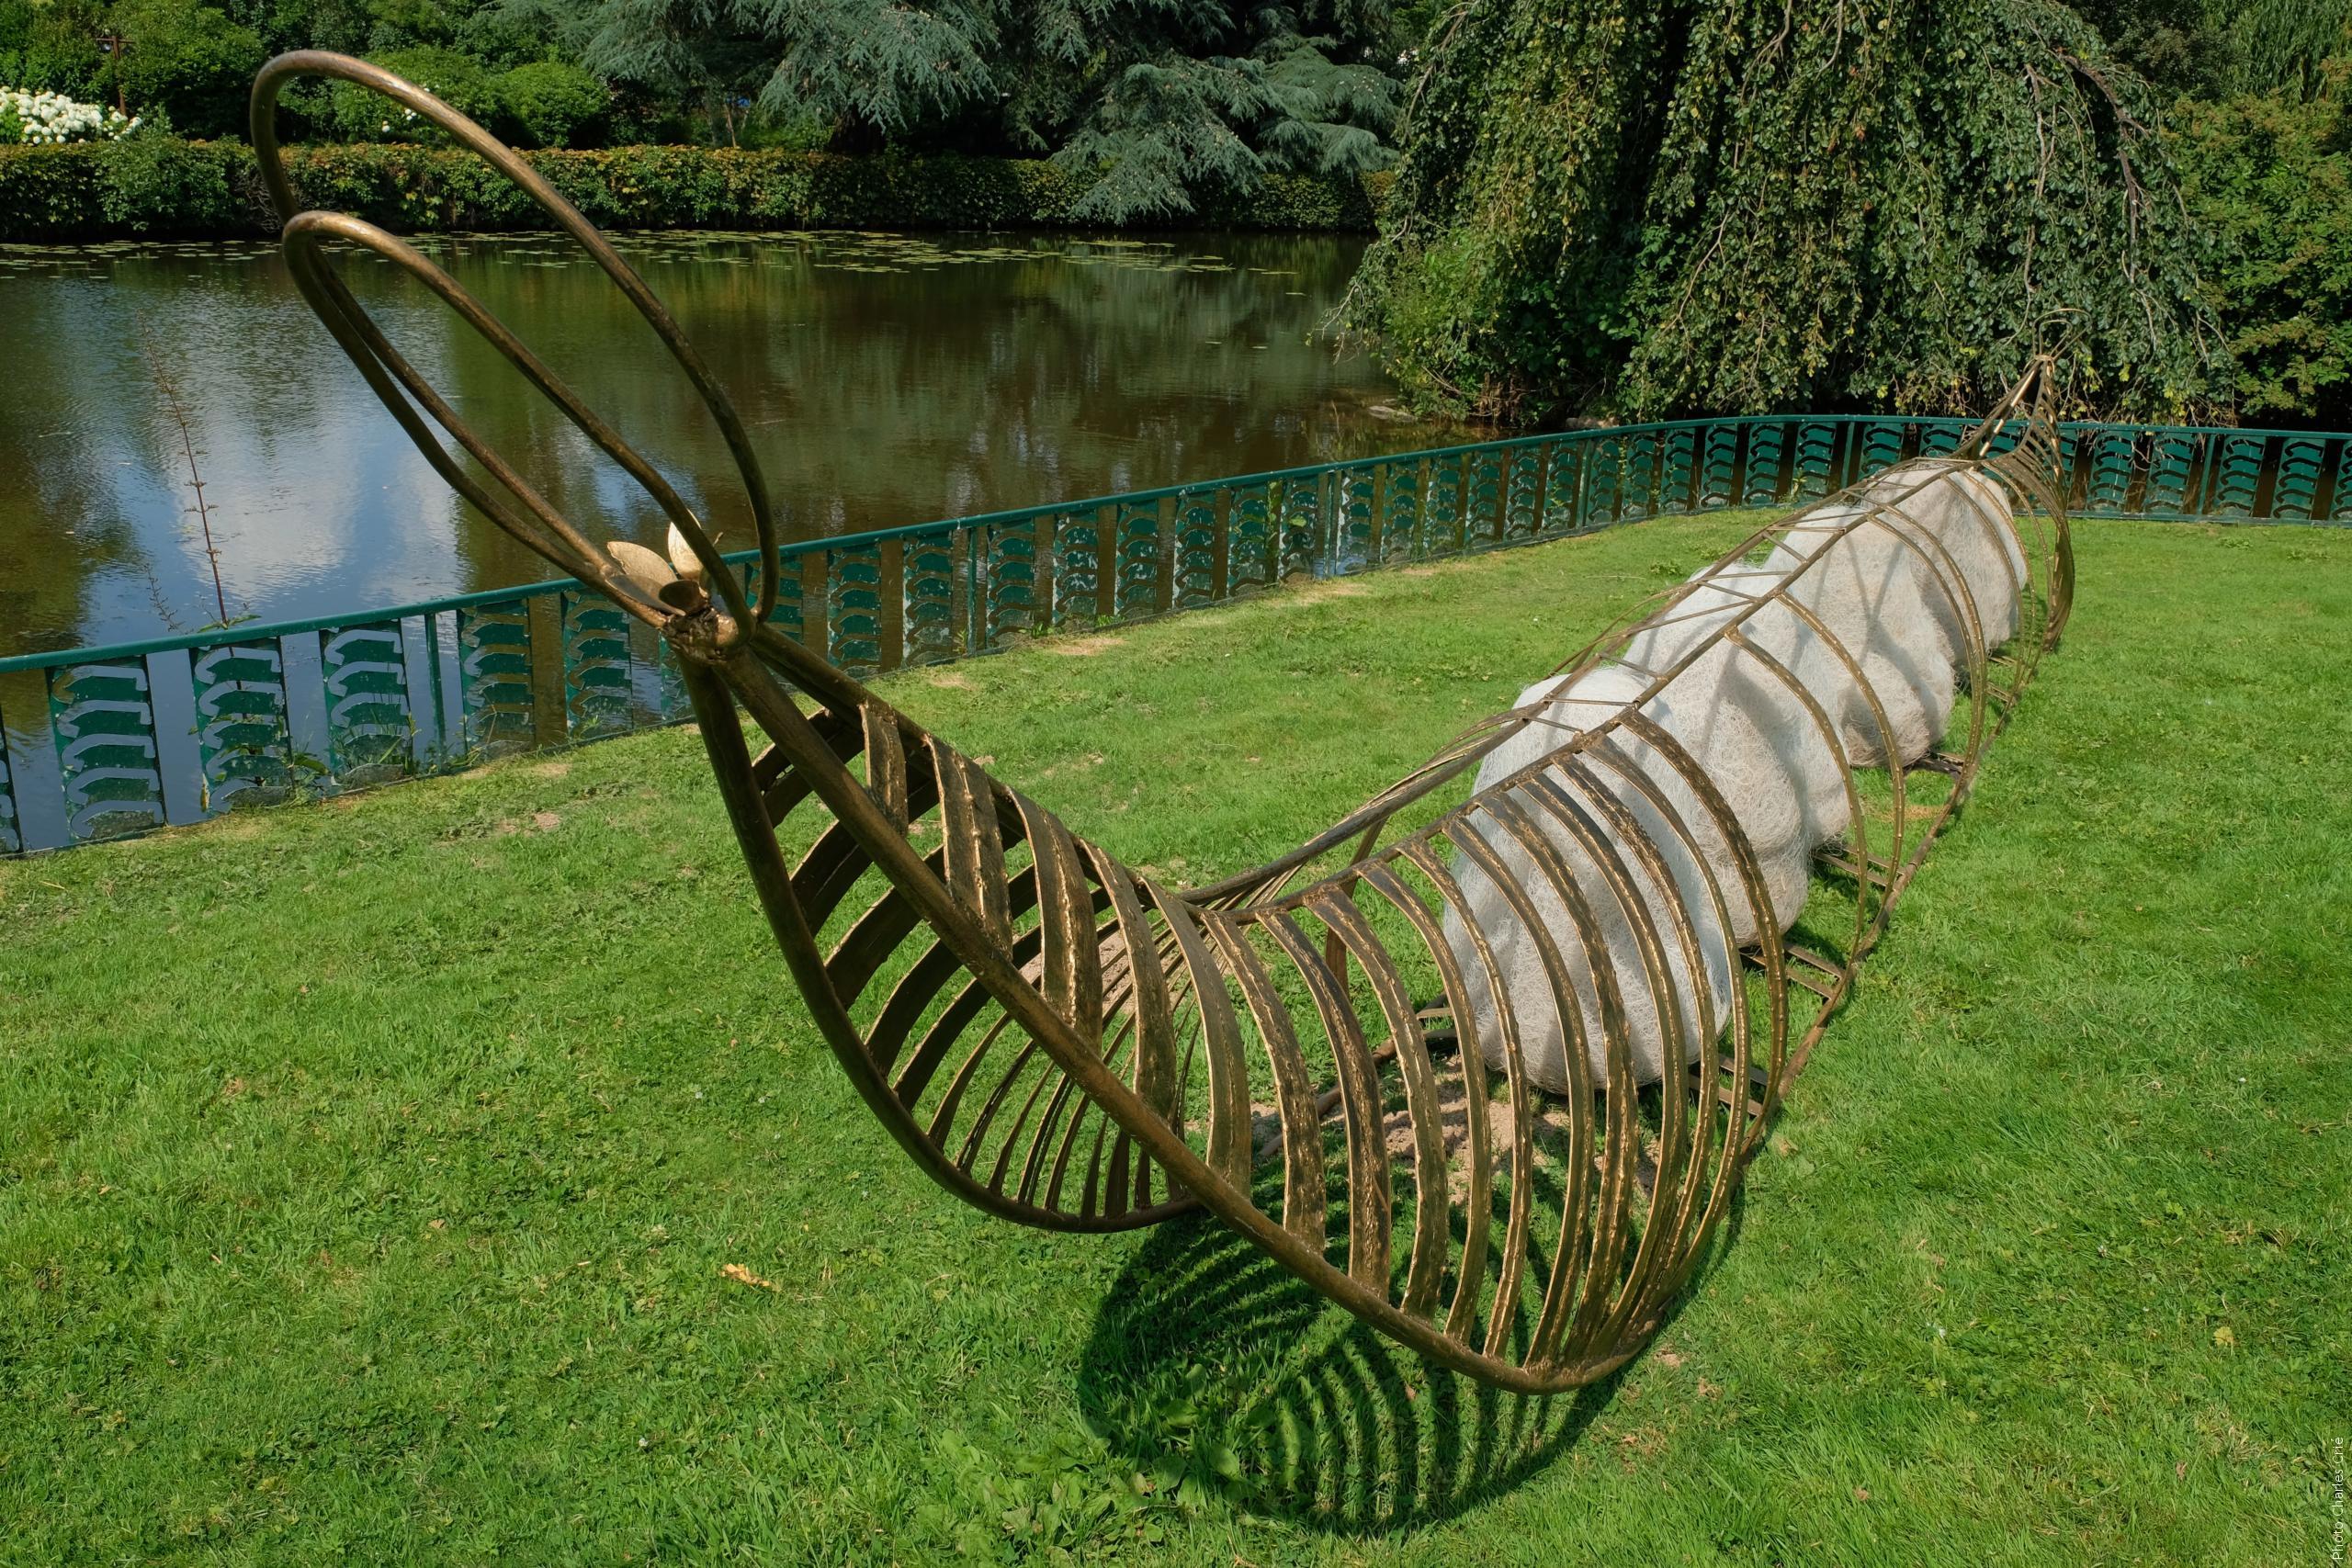 une œuvre d'Odile de FRAYSSINET - Jardin des Arts 2020